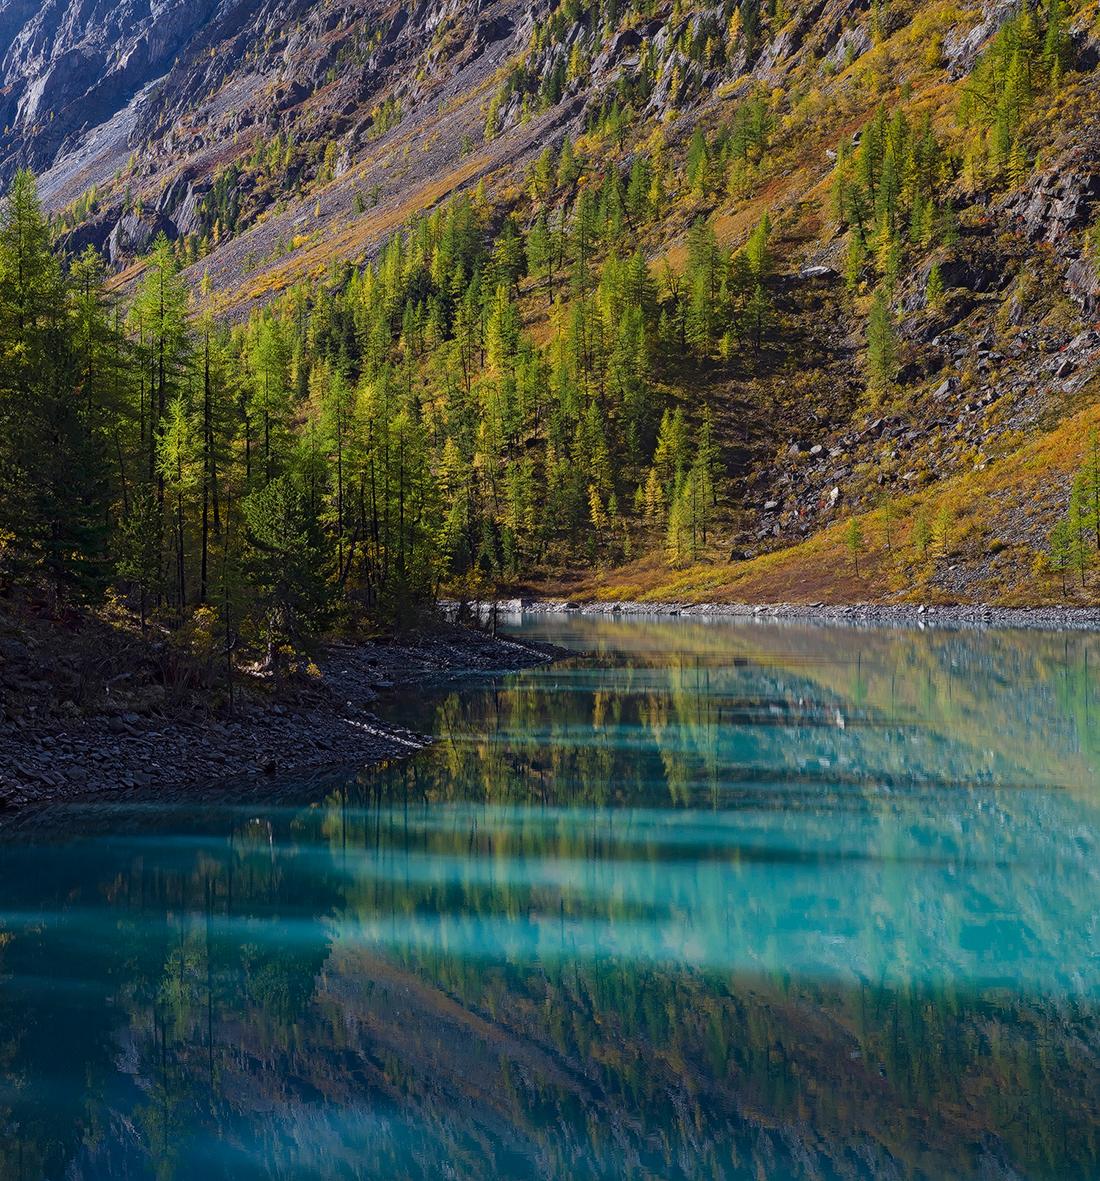 アルタイ山脈の自然は慎重に保護されているため、この地域には薬用植物がまだ生育している。